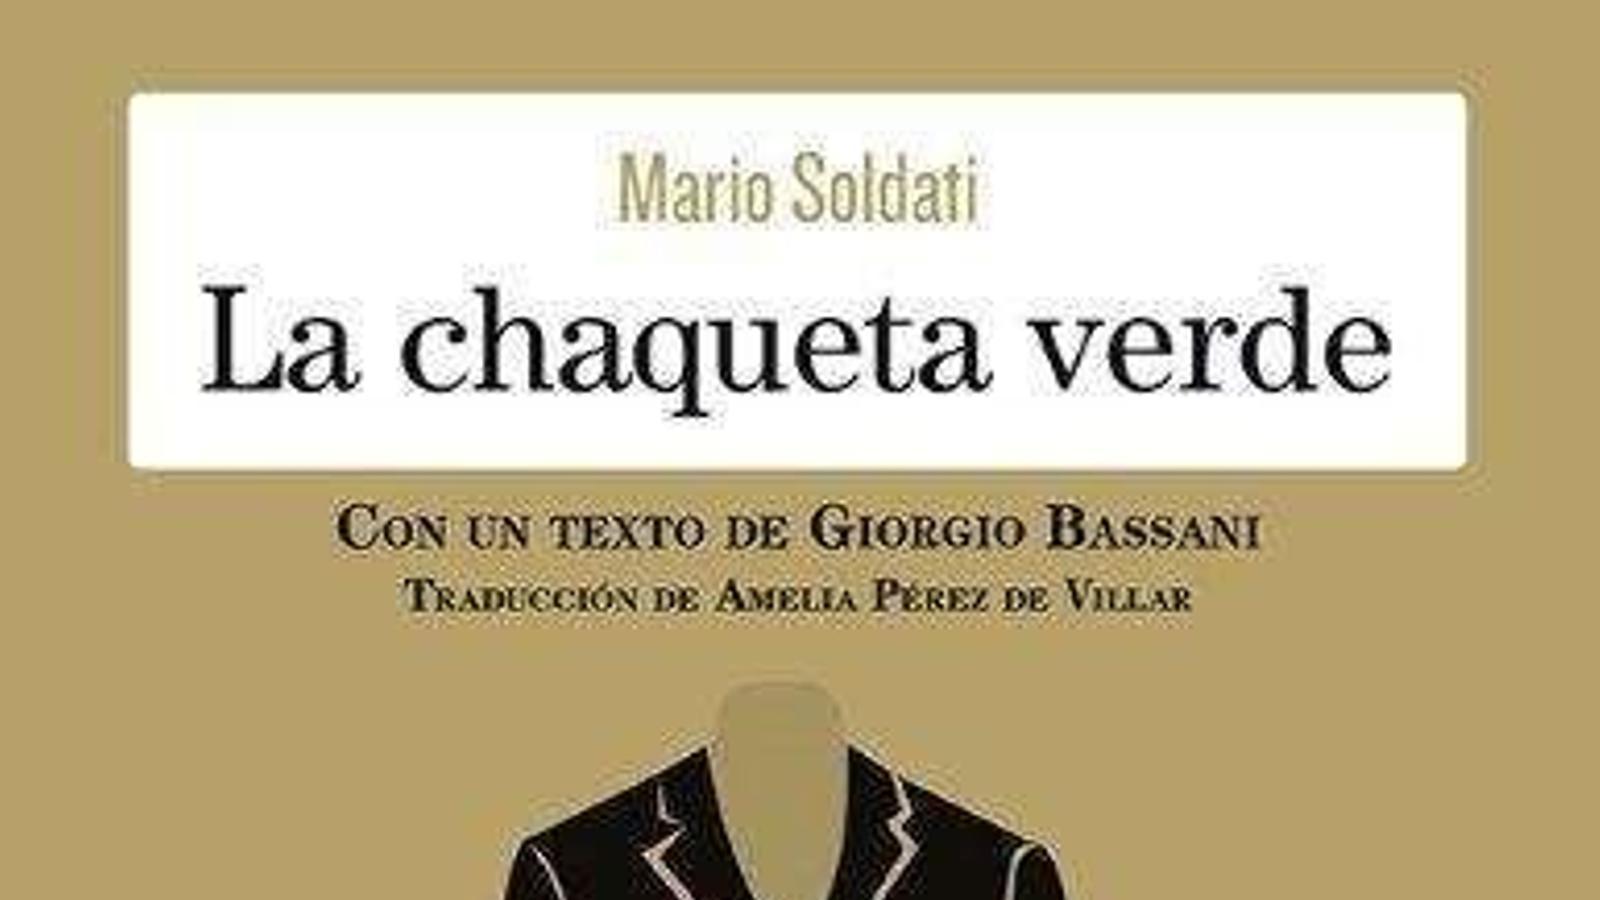 'La chaqueta verde' de Mario Soldati